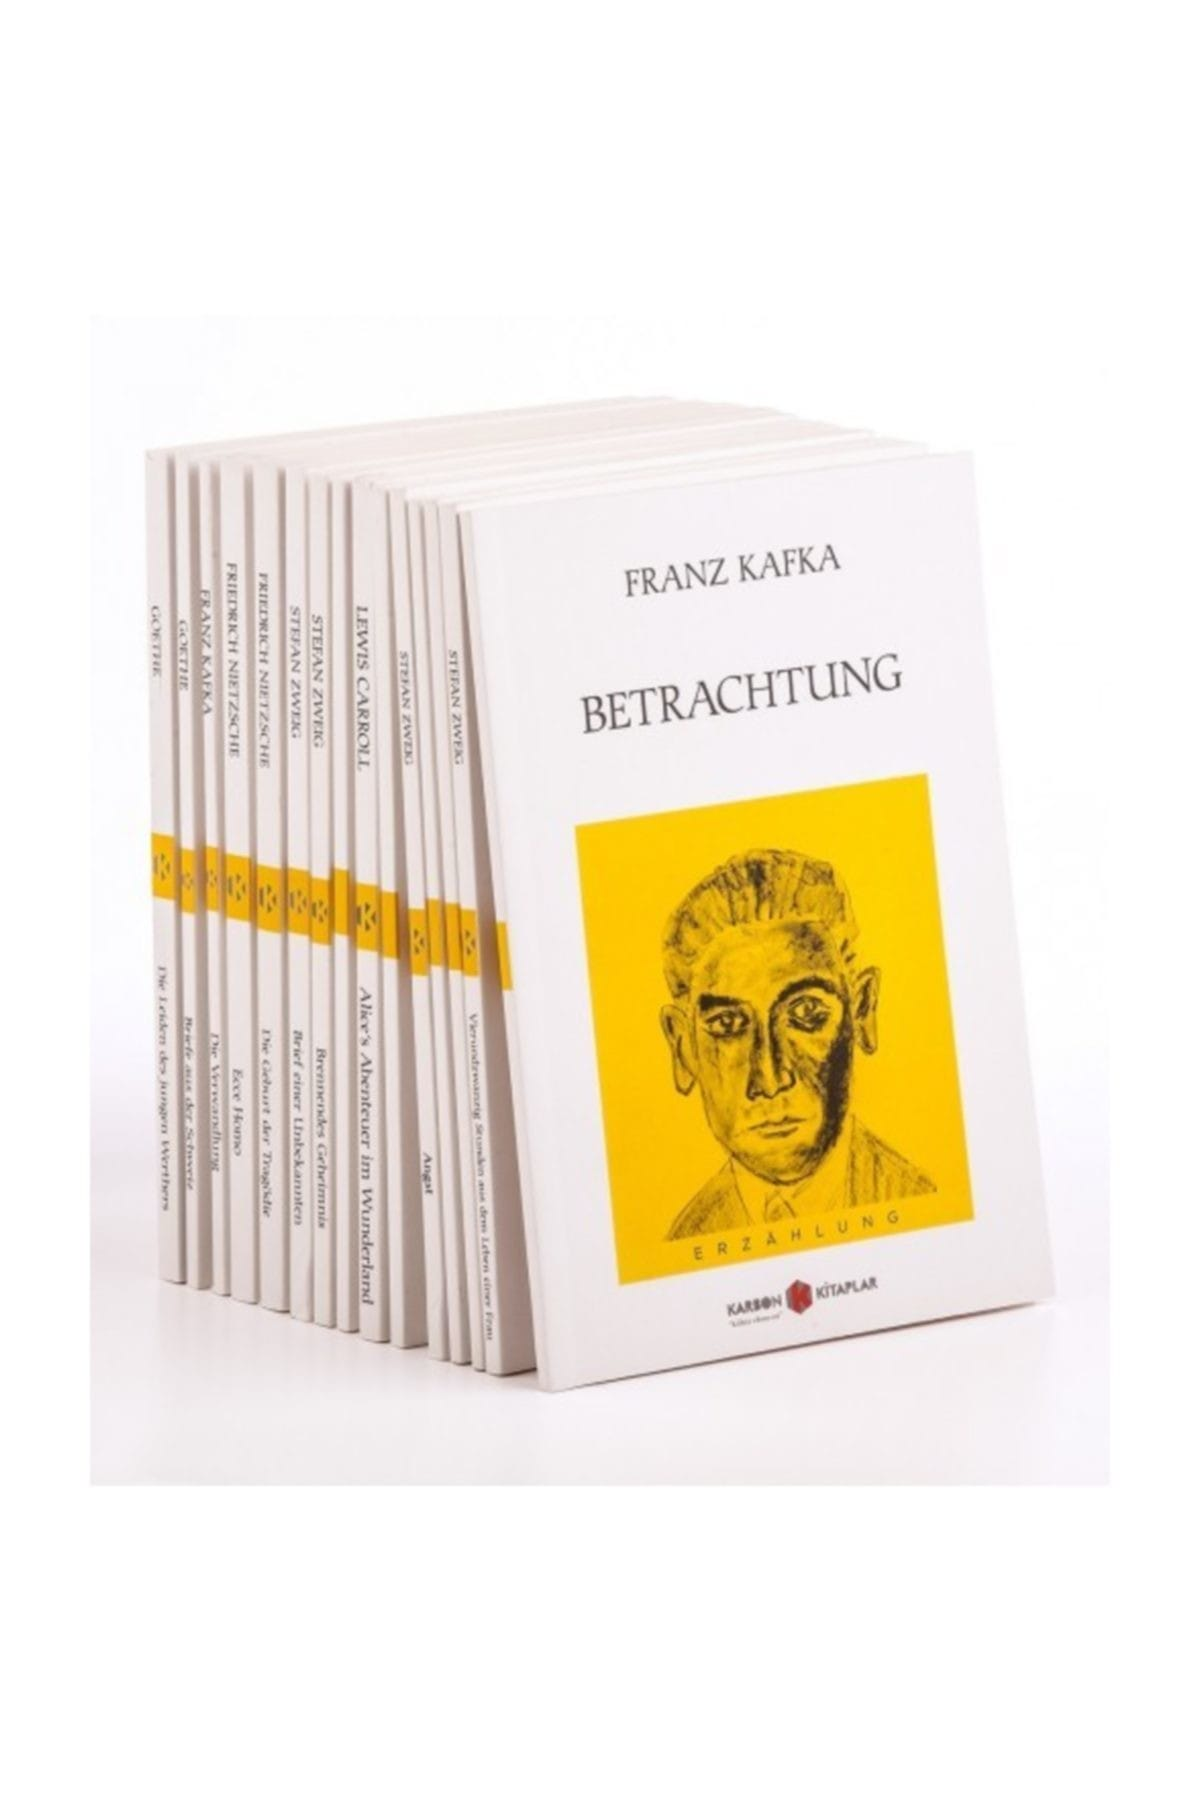 Kitaplar almanca SETI (15 Kitap) Friedrich Nietzsche, Stefan Zweig, Lewis Carroll, Franz Kafka, johann Wolfgang Goethe